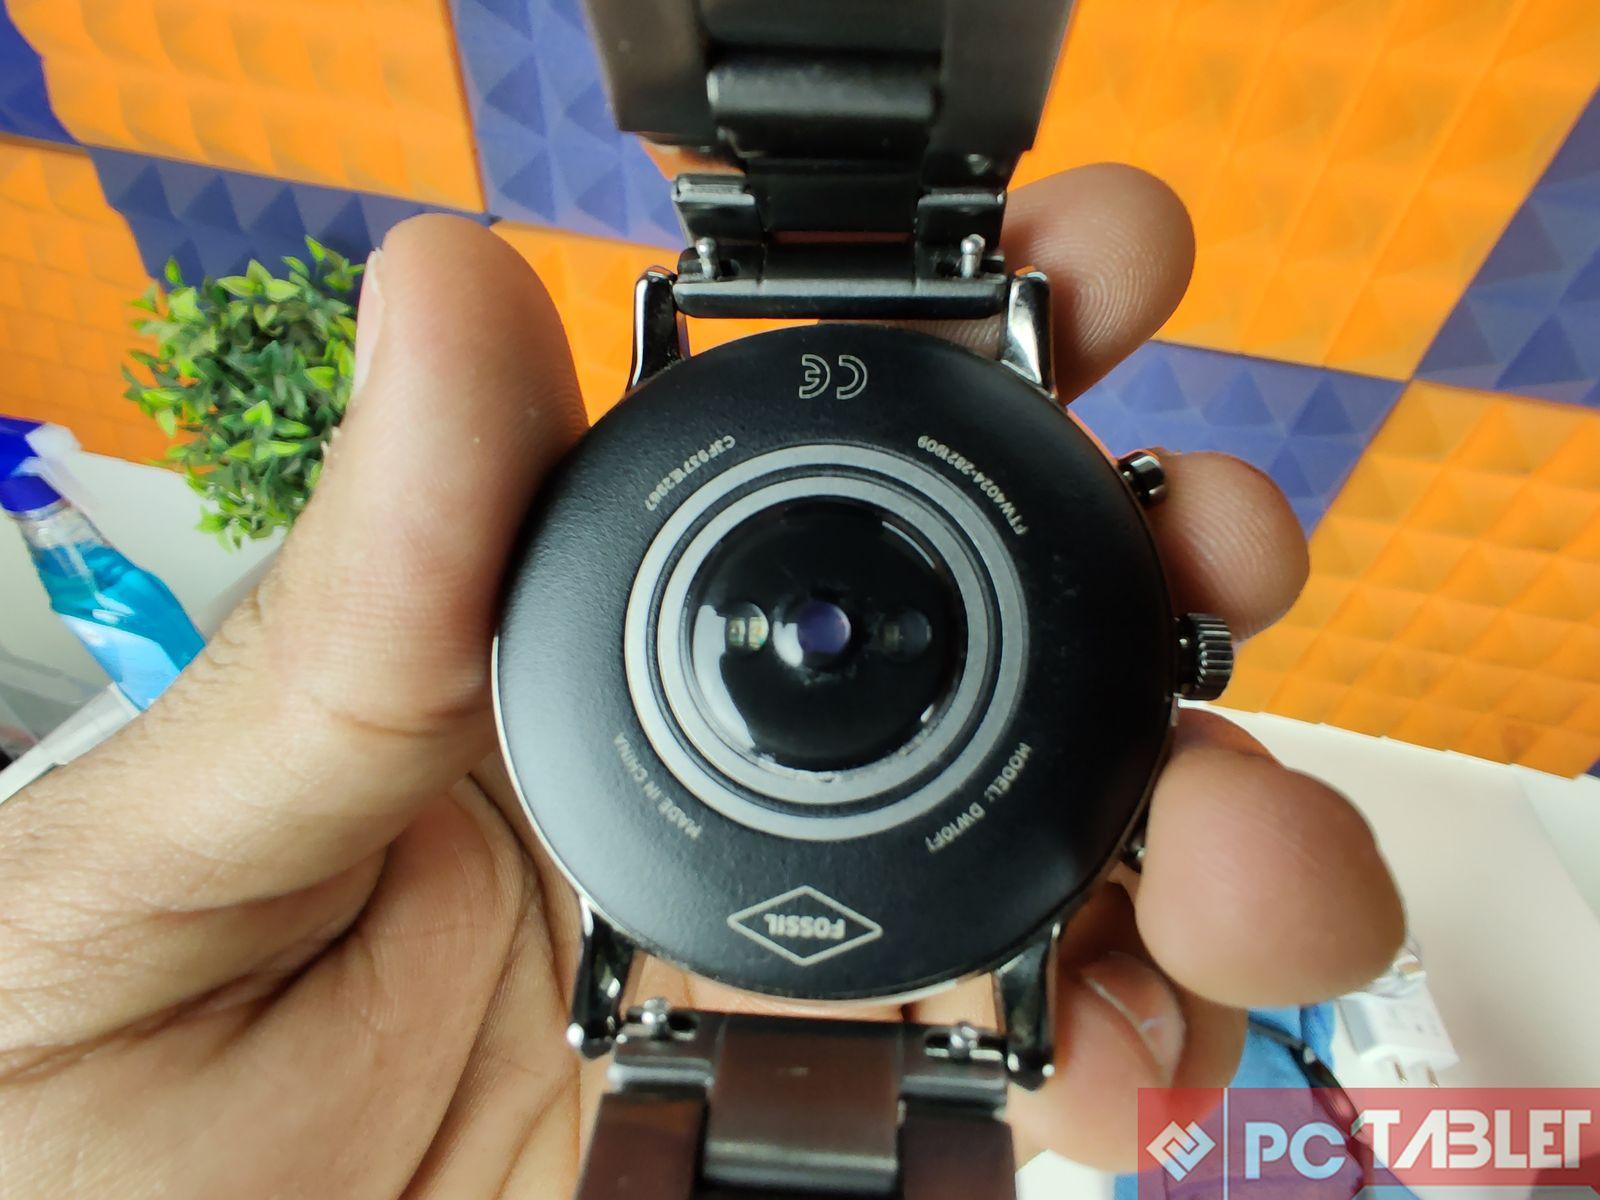 Fossil Gen 5 Smartwatch Review 2